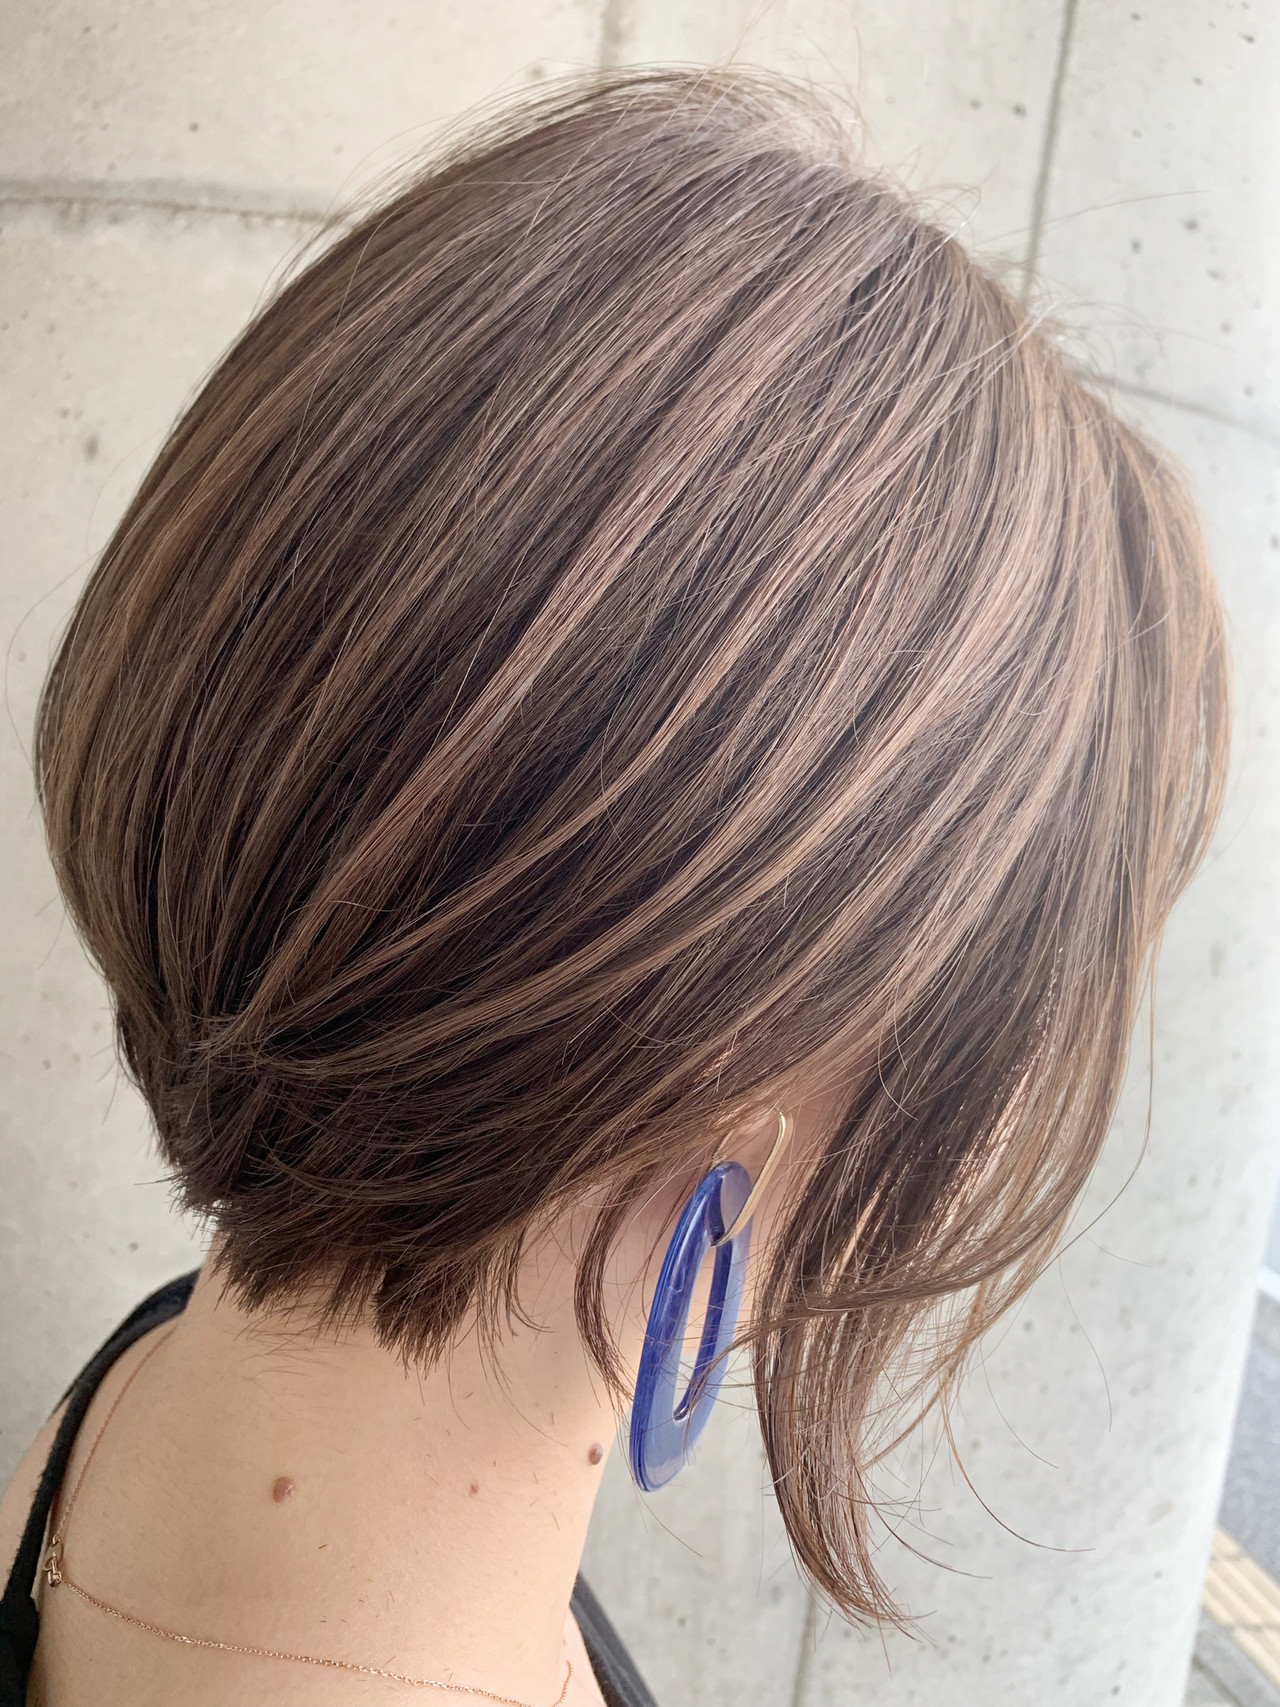 大人ハイライト ベージュ ナチュラル ブラウンベージュ ヘアスタイルや髪型の写真・画像